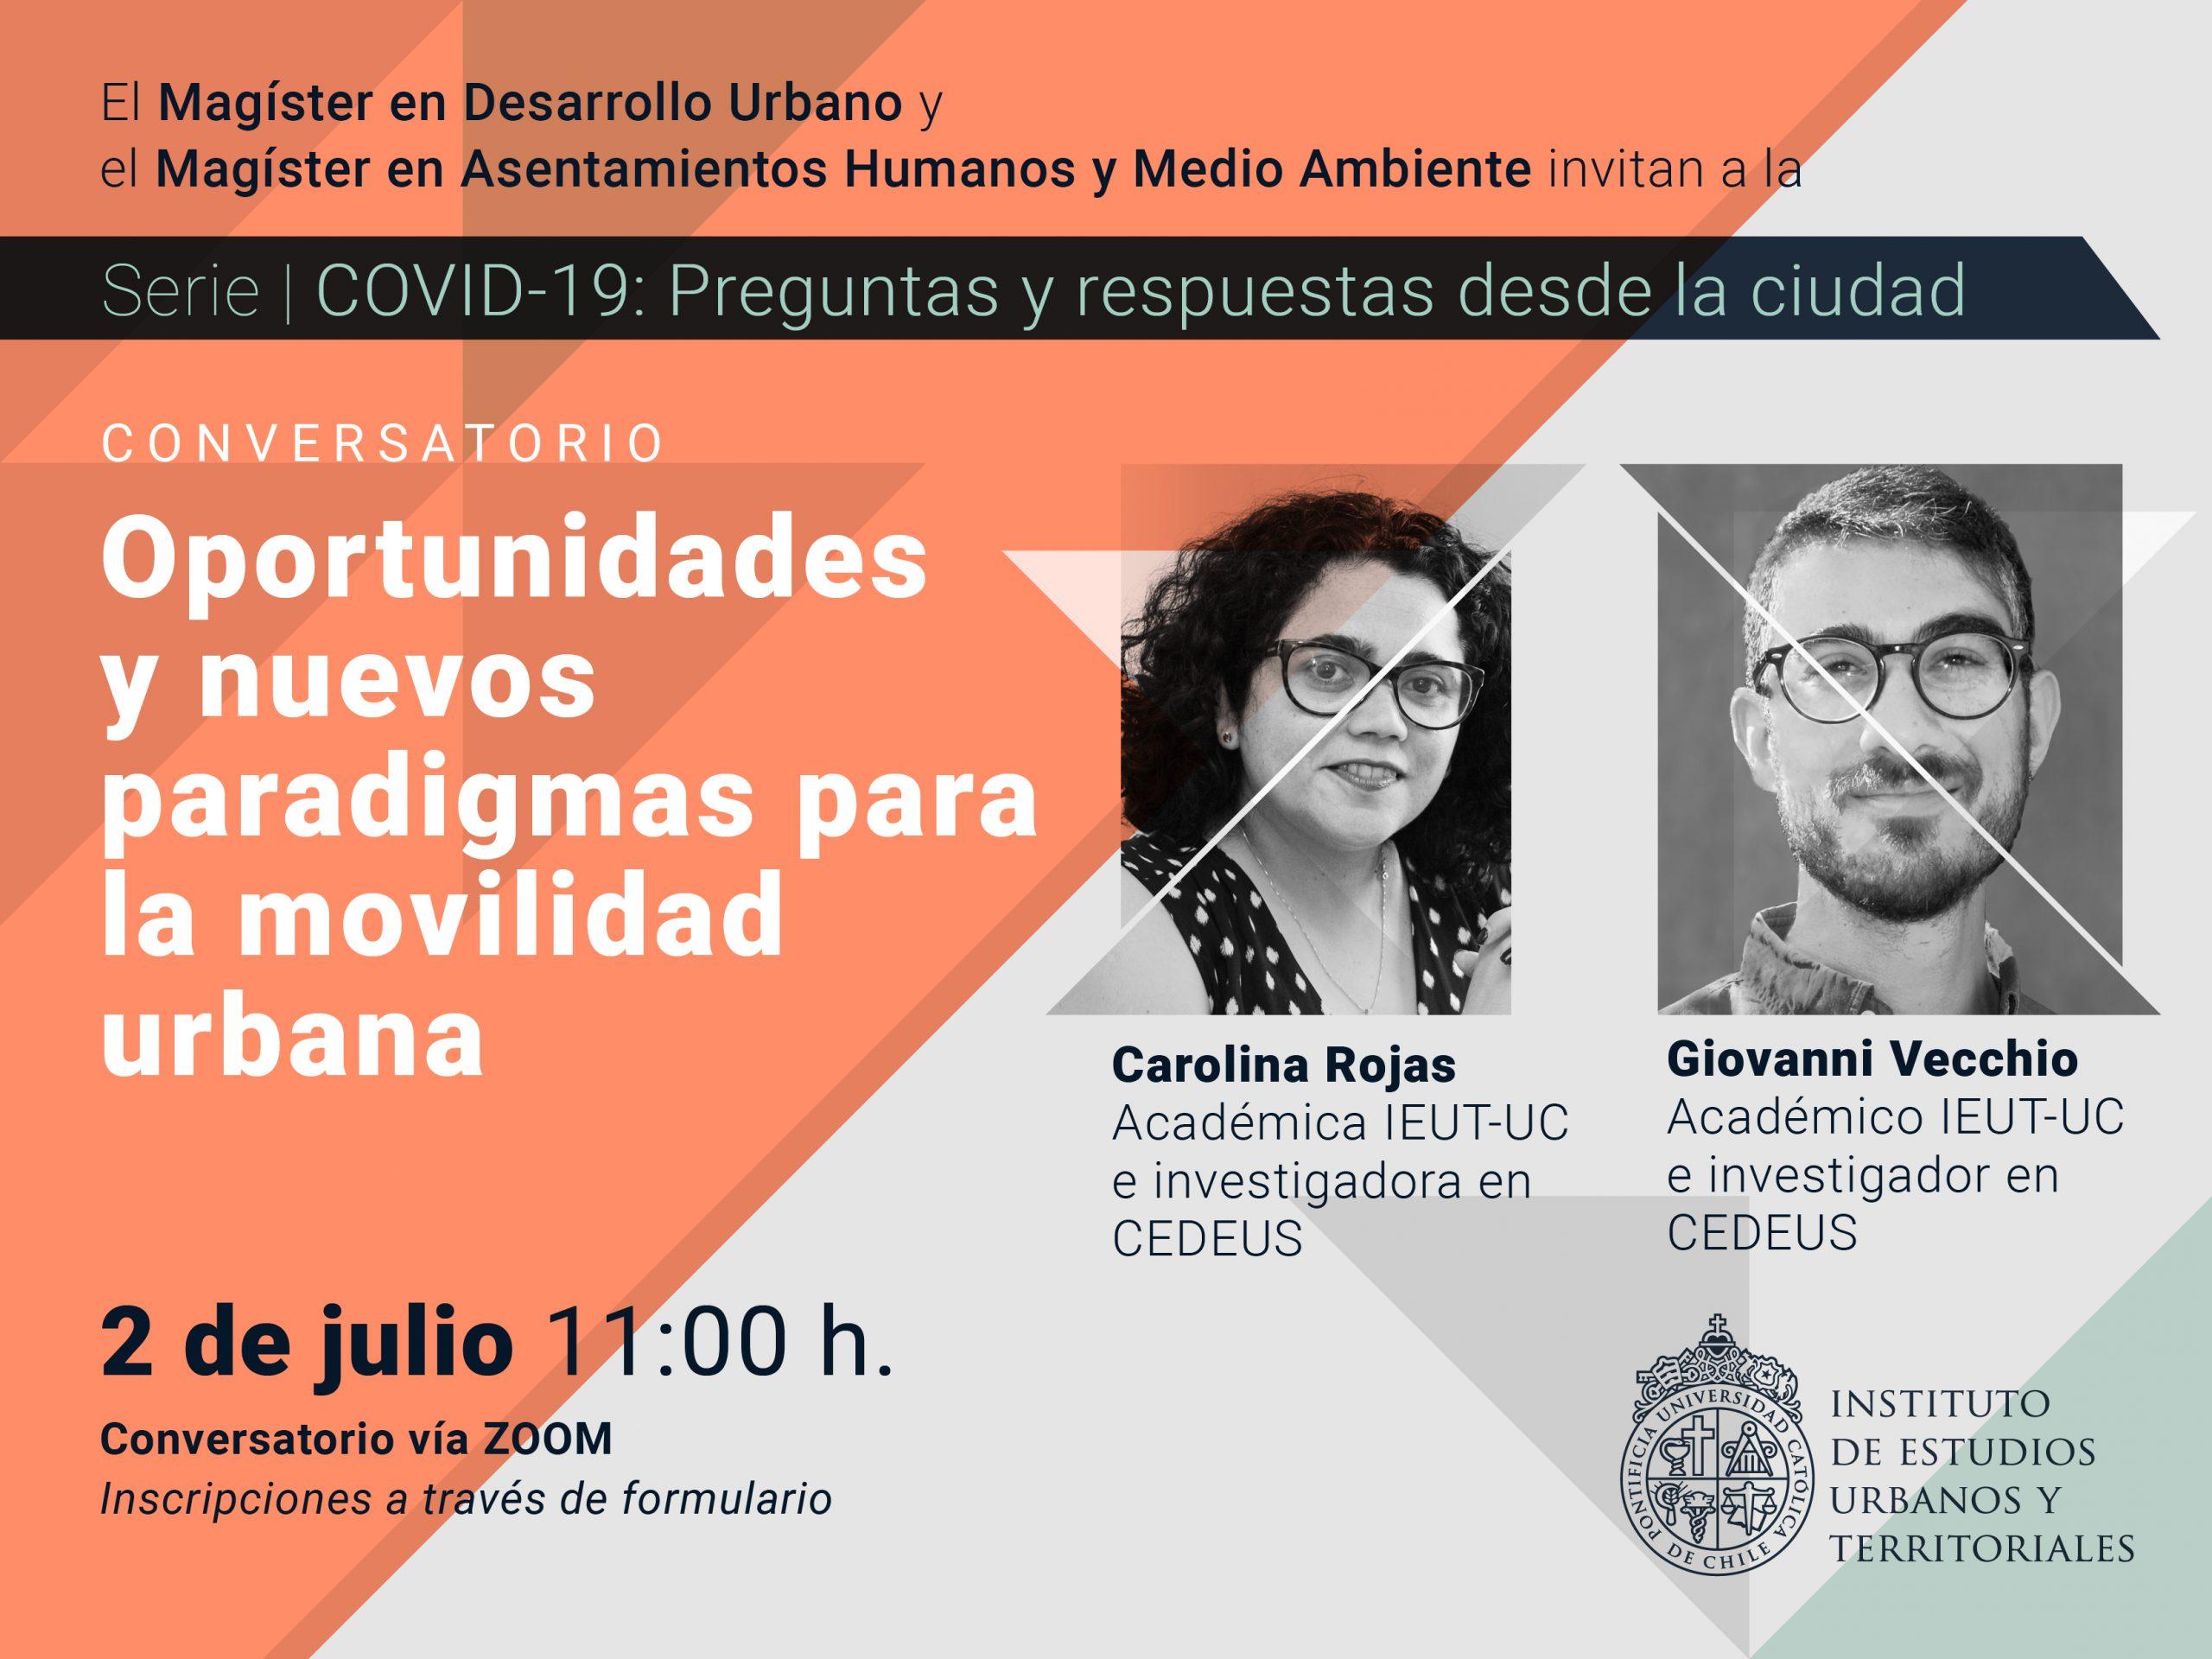 Serie | COVID-19: preguntas y respuestas desde la ciudad. Conversatorio: Oportunidades y nuevos paradigmas para la movilidad urbana